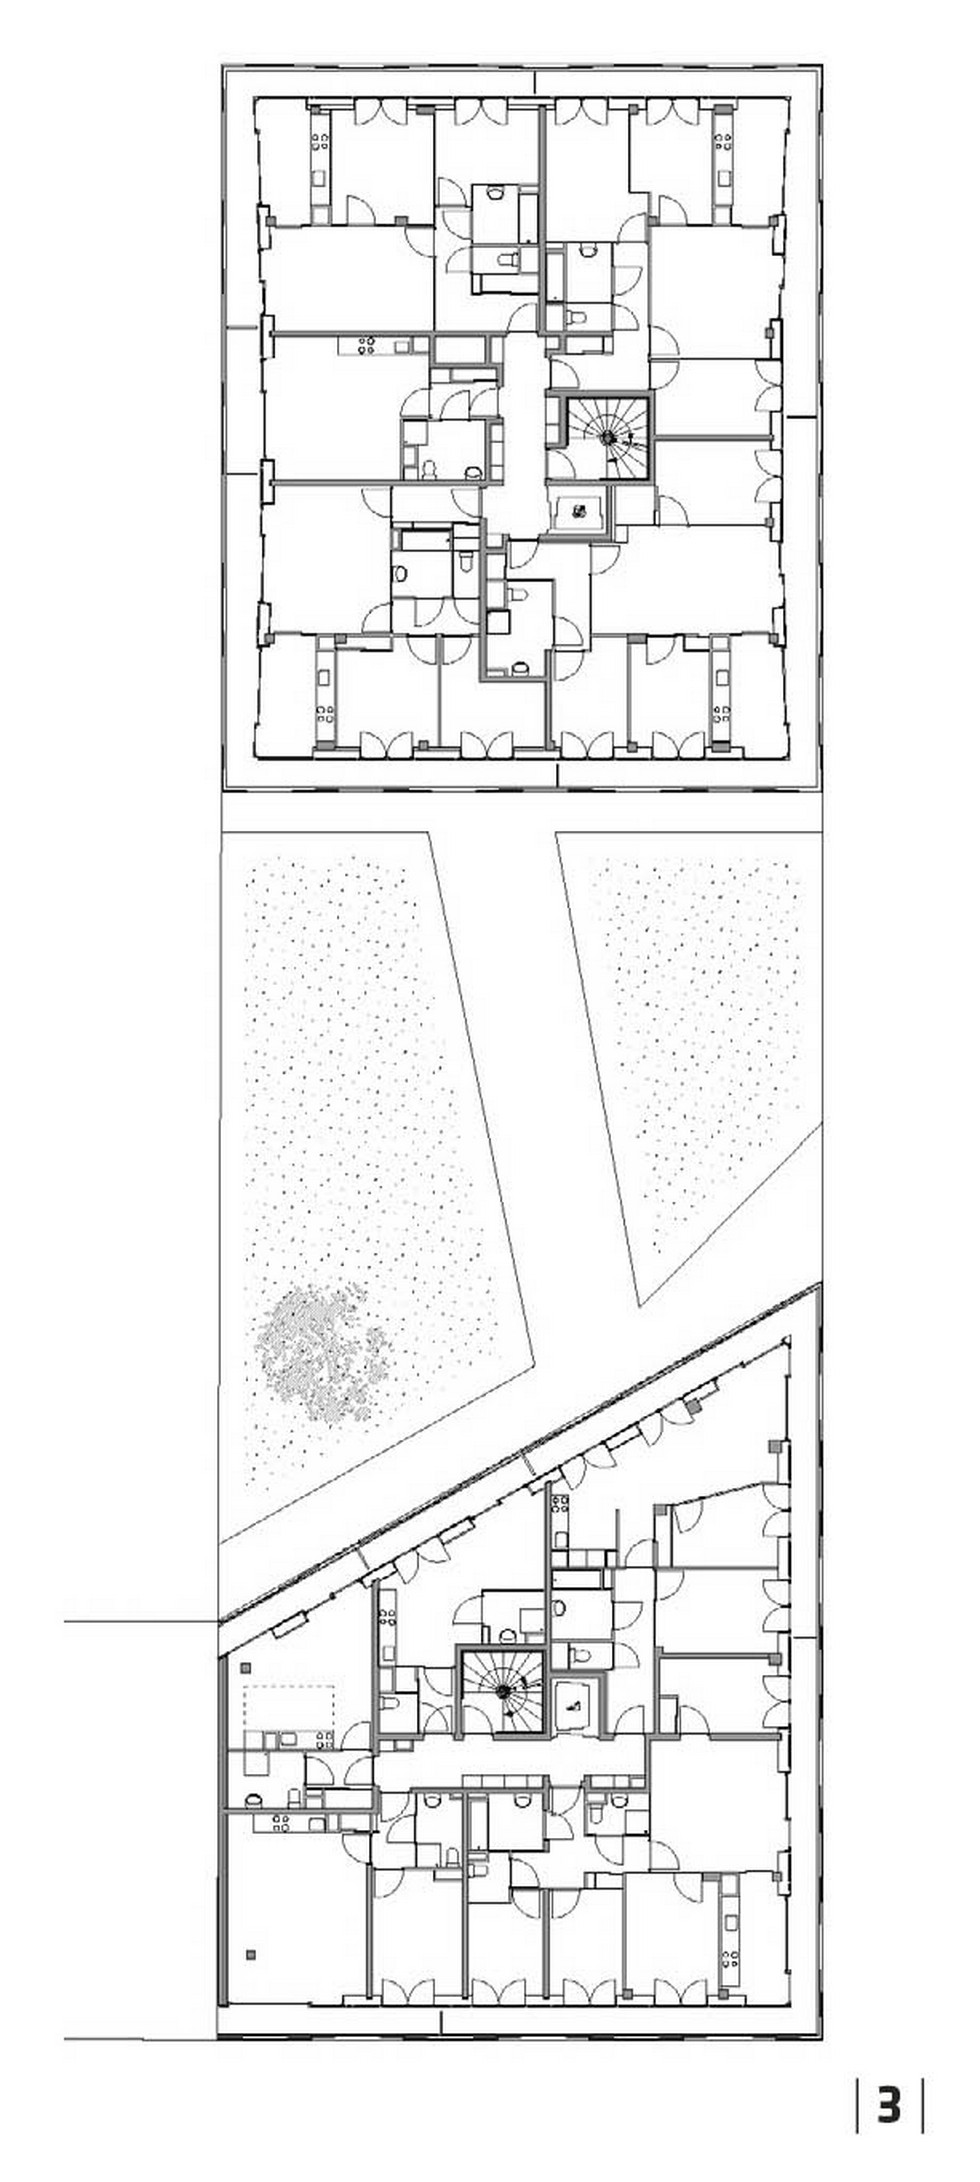 Zespół mieszkań socjalnych Montmartre Wintergarden Housing, Paryż. Piętro I